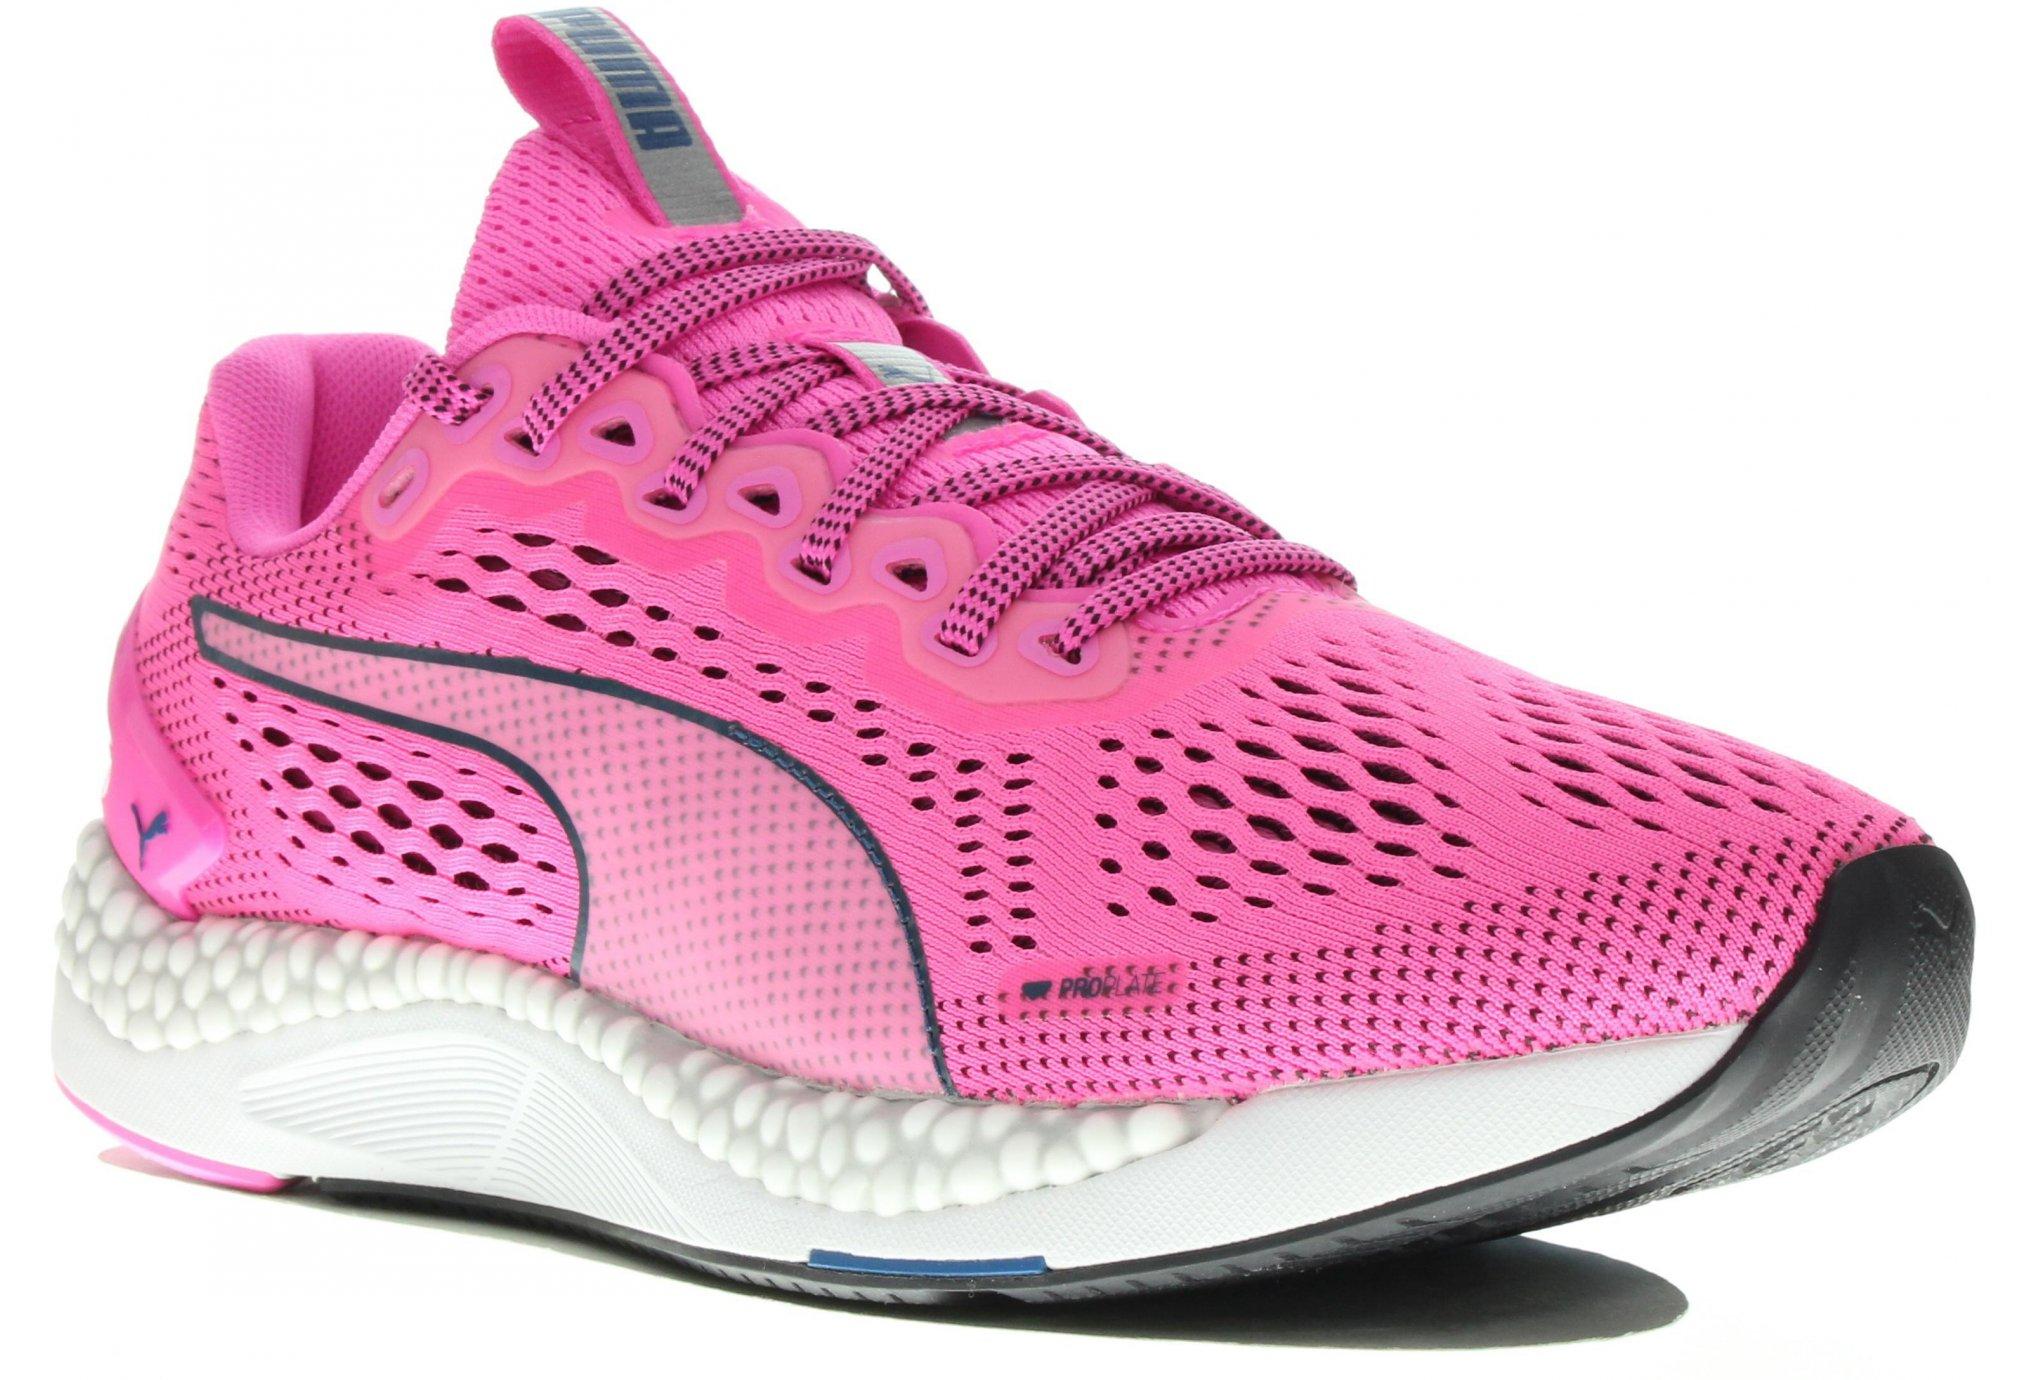 Puma Speed 600 2 W Chaussures running femme